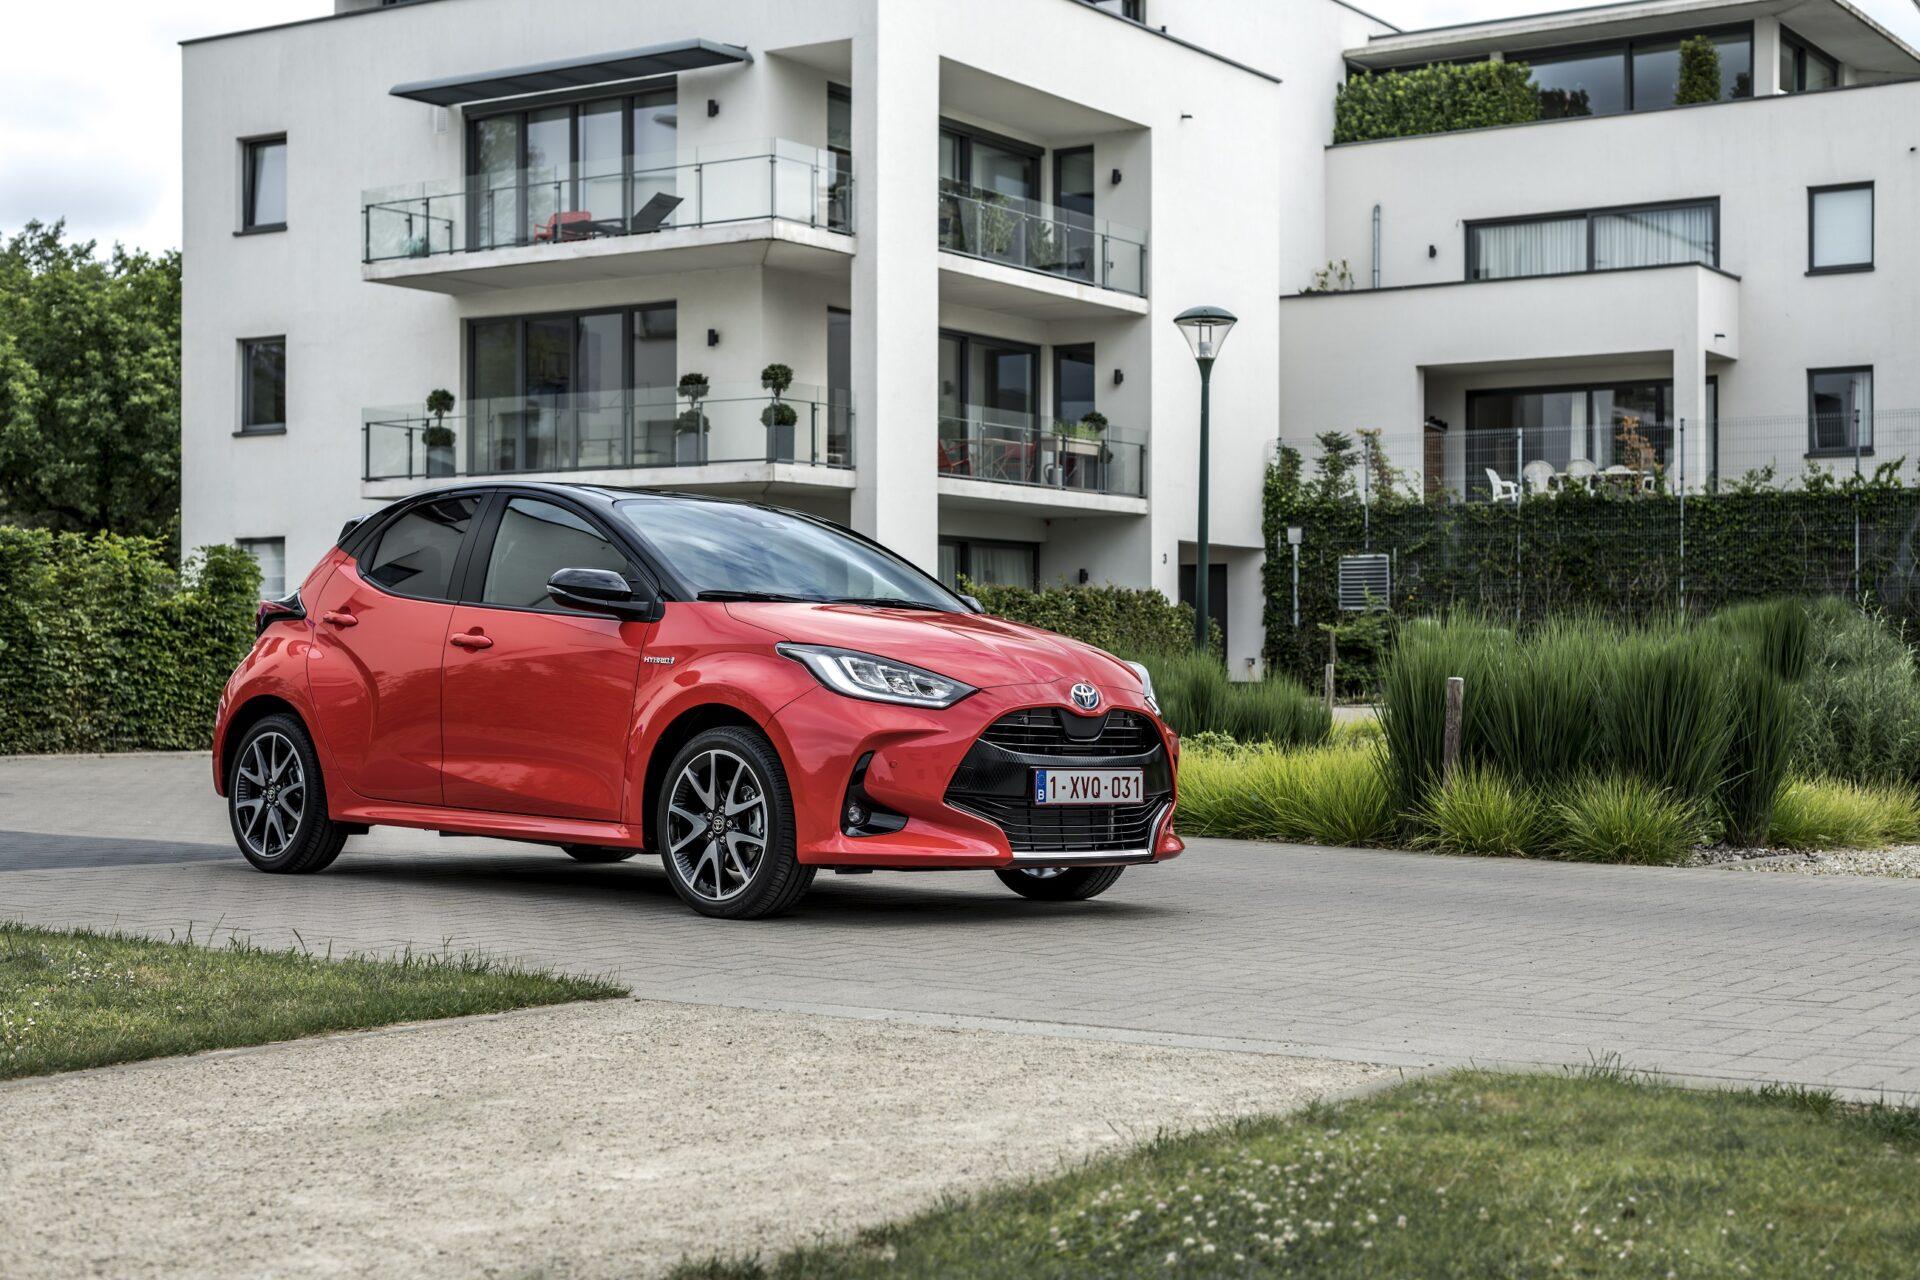 Τoyota, Peugeot, Hyundai οδηγούν τις ταξινομήσεις το πρώτο 20ημερο του Ιουλίου